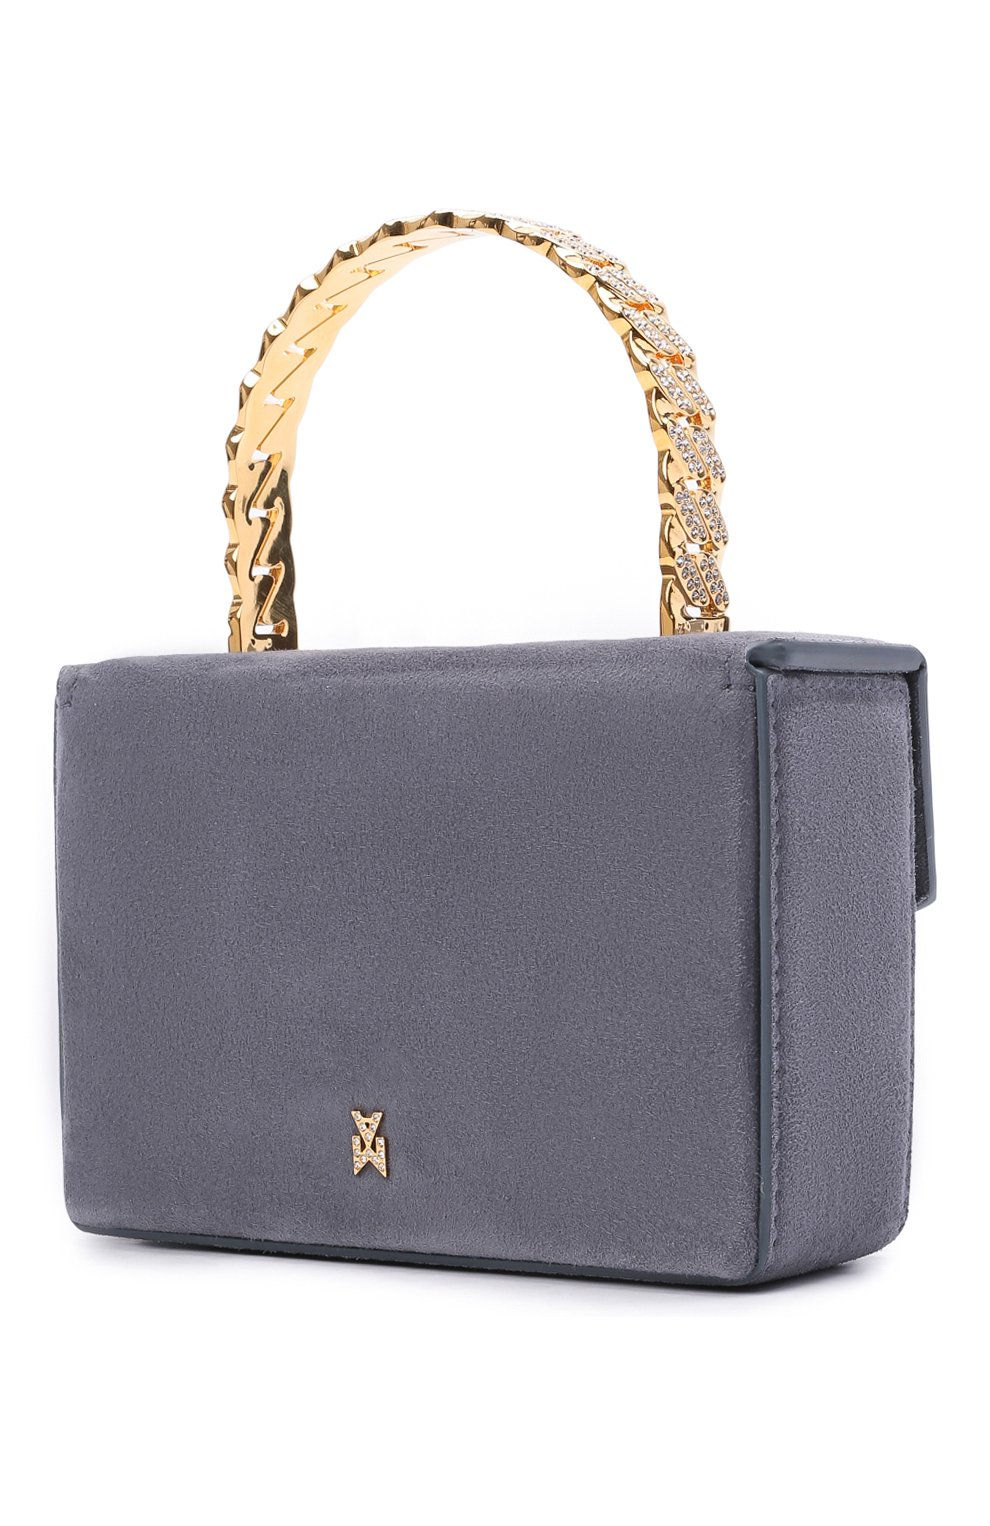 Женская сумка pernille super mini AMINA MUADDI серого цвета, арт. PERNILLE SUPER MINI/SUEDE HANDLE   Фото 3 (Сумки-технические: Сумки top-handle; Материал: Натуральная кожа; Размер: mini)